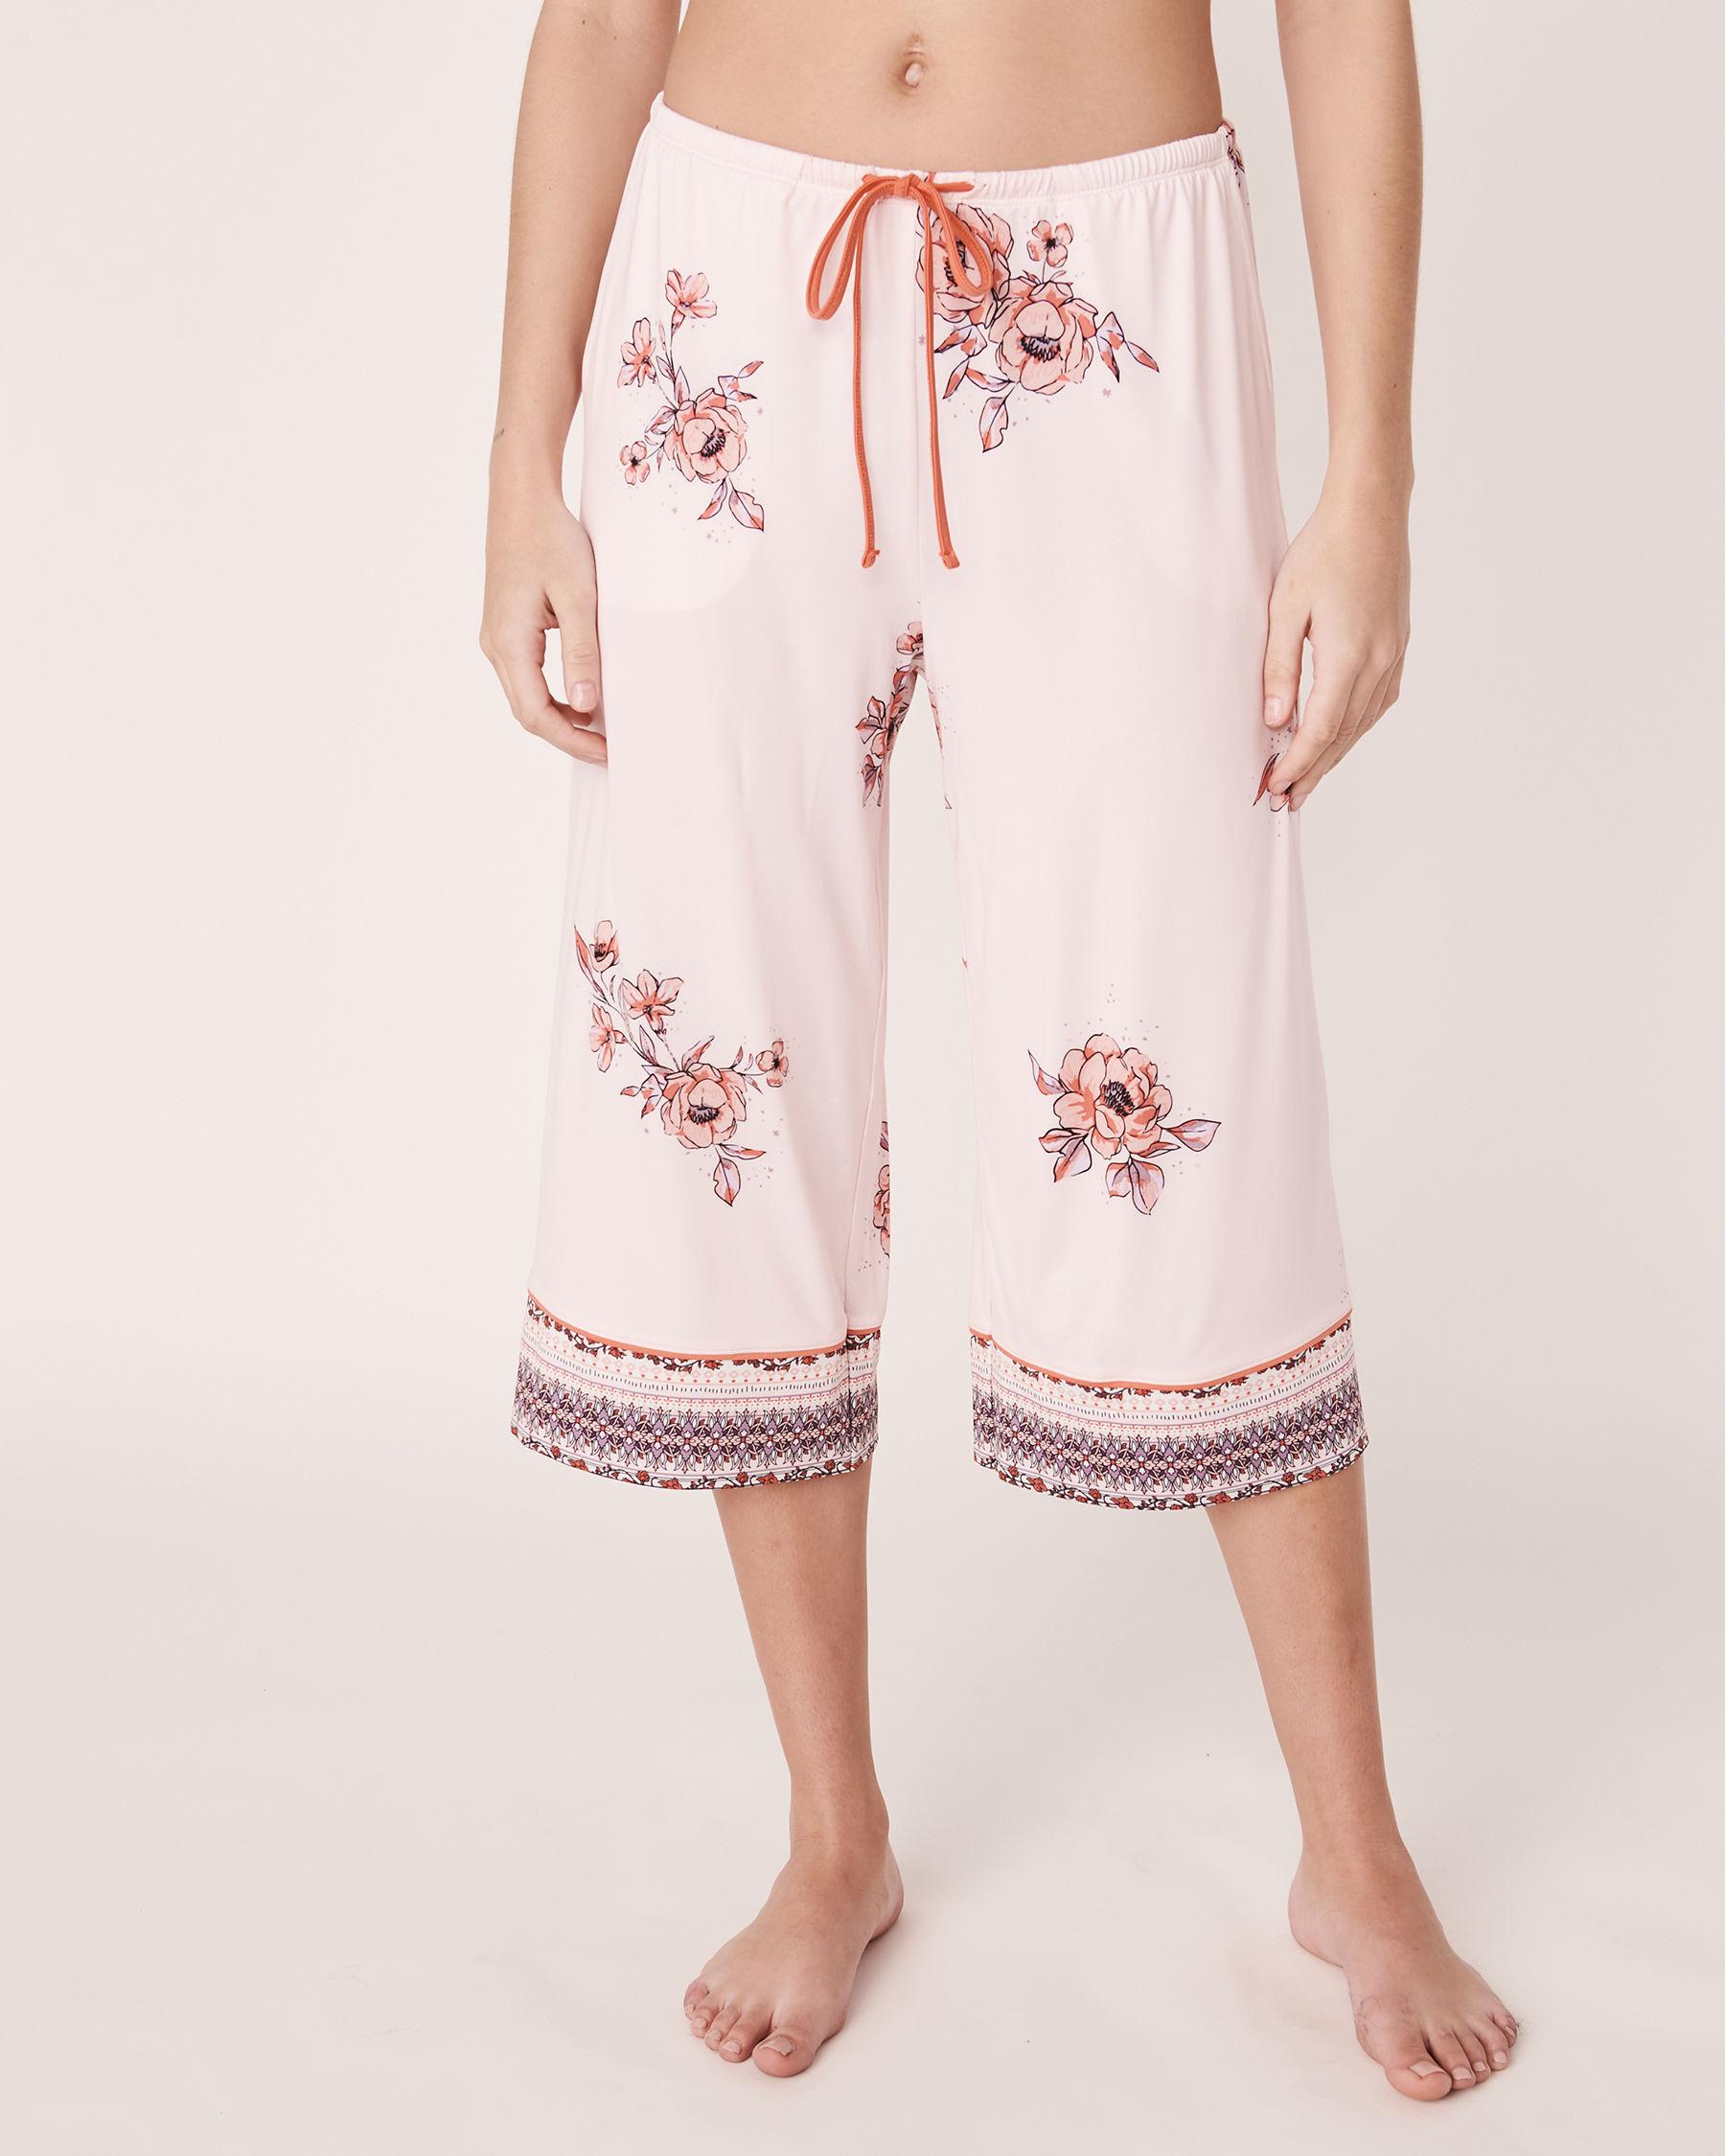 LA VIE EN ROSE Capri jambe large en fibres recyclées Imprimé floral 40200059 - Voir1